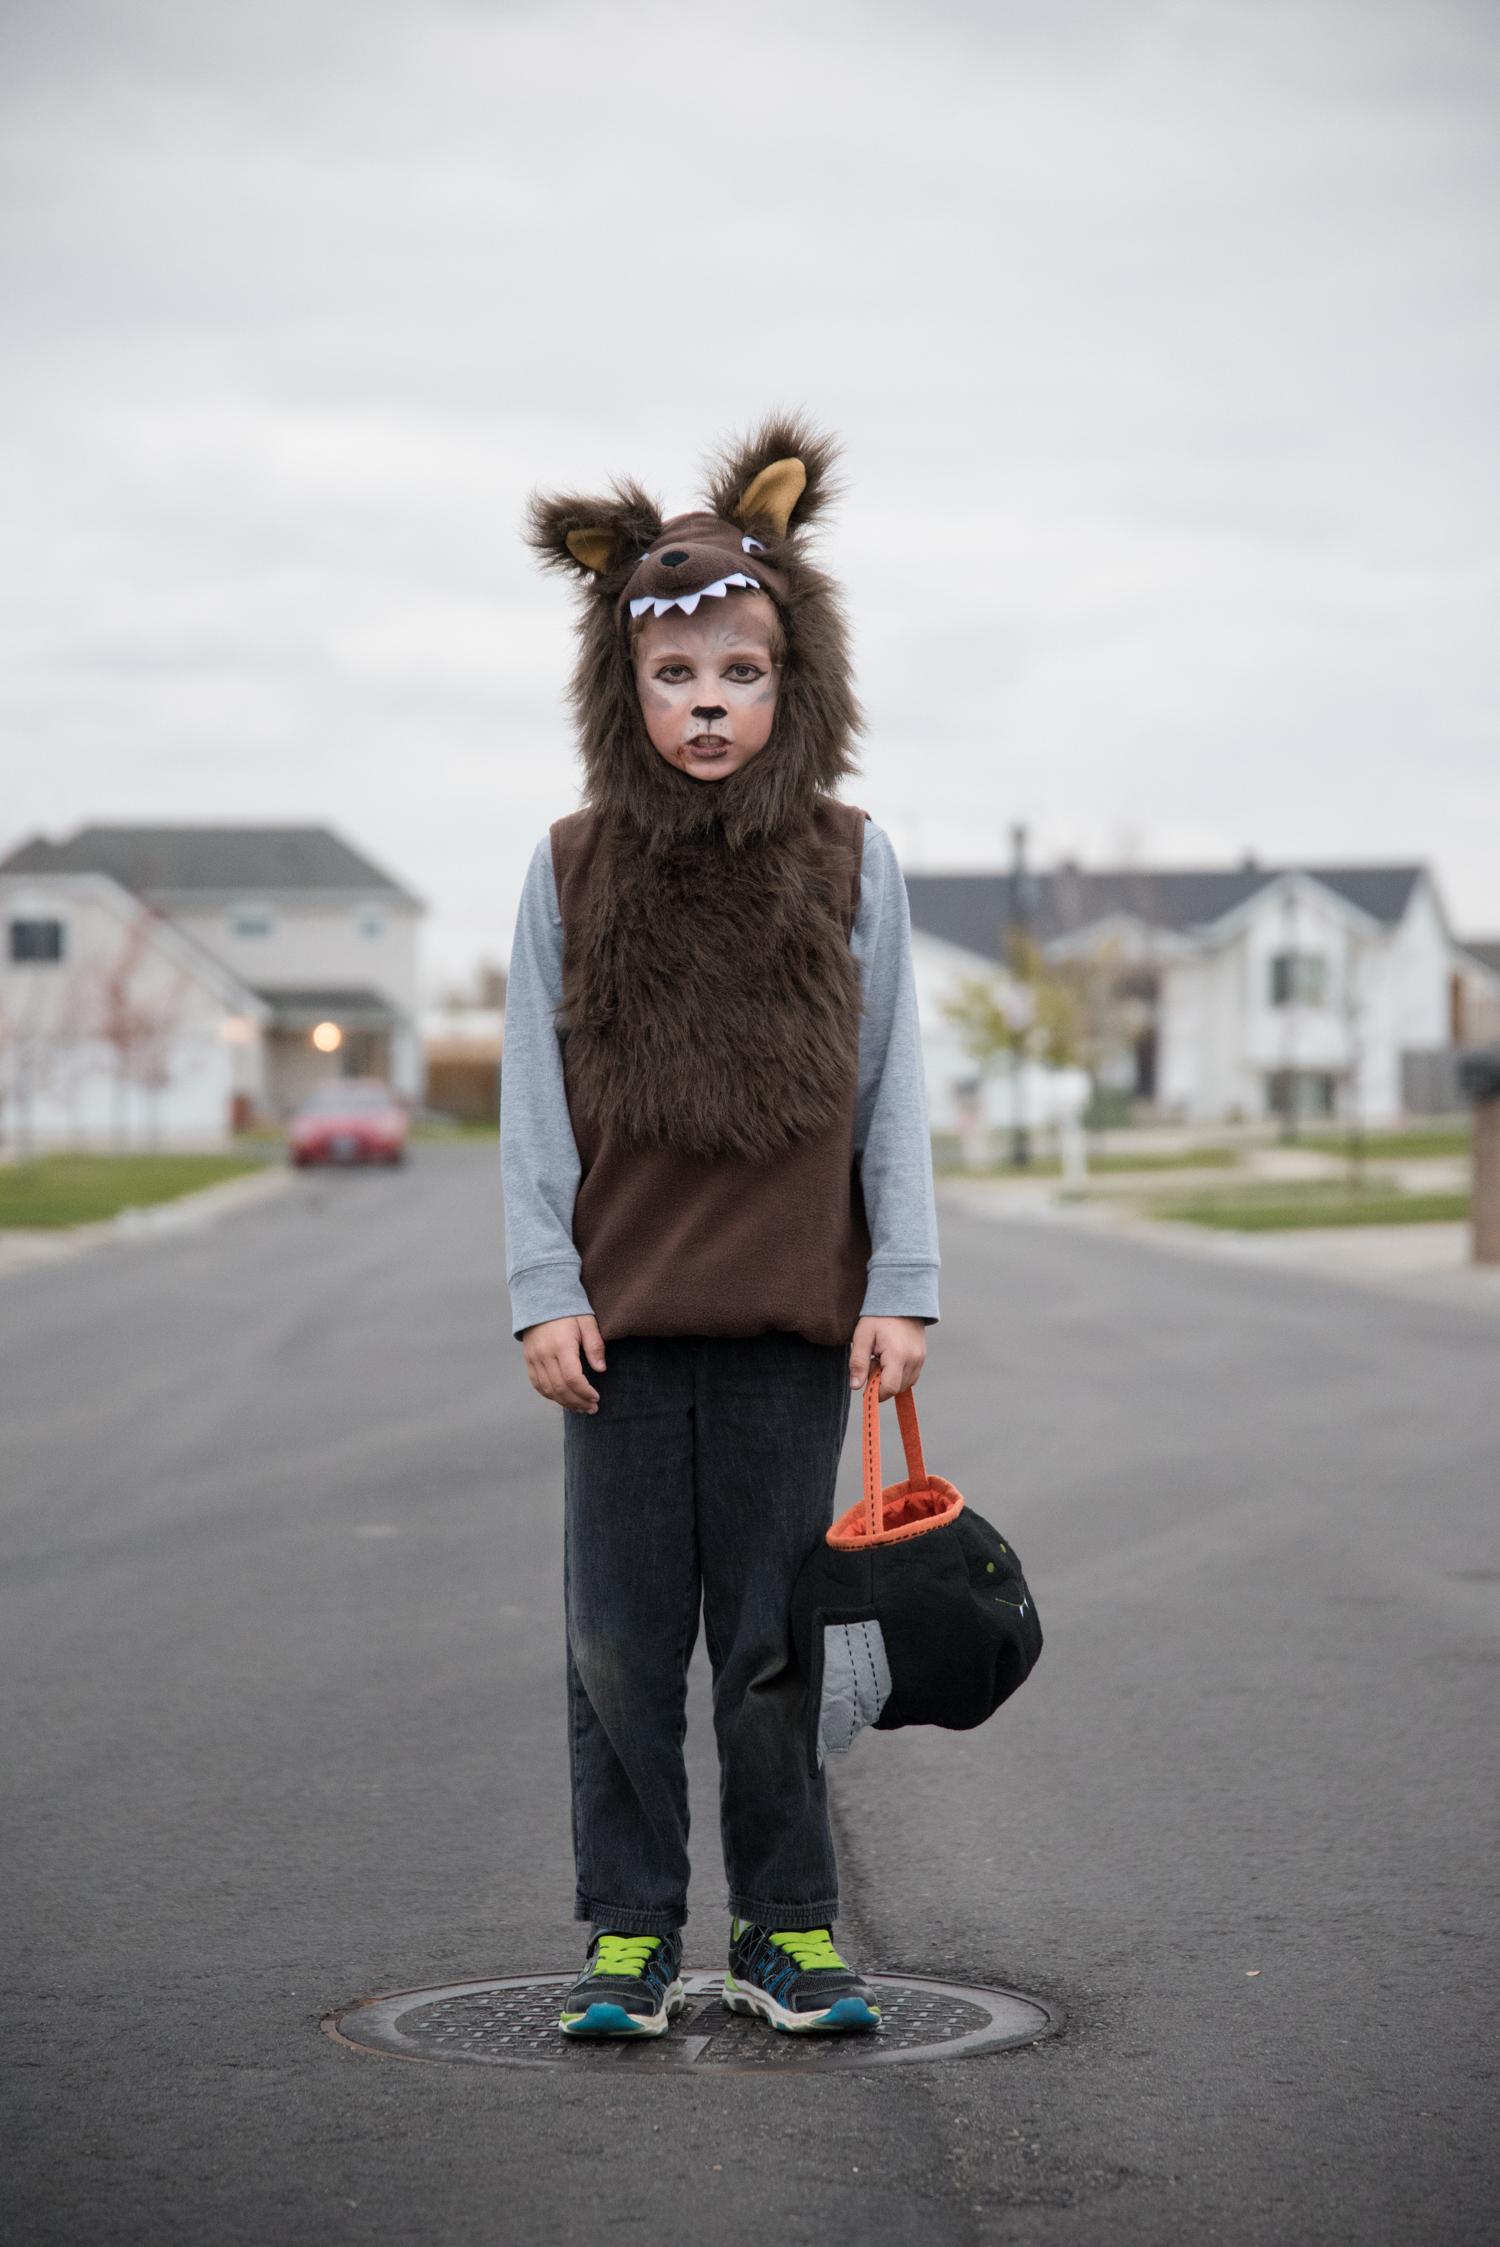 Childrens_Family_Photographer_Fargo_Moorhead-5758.jpg